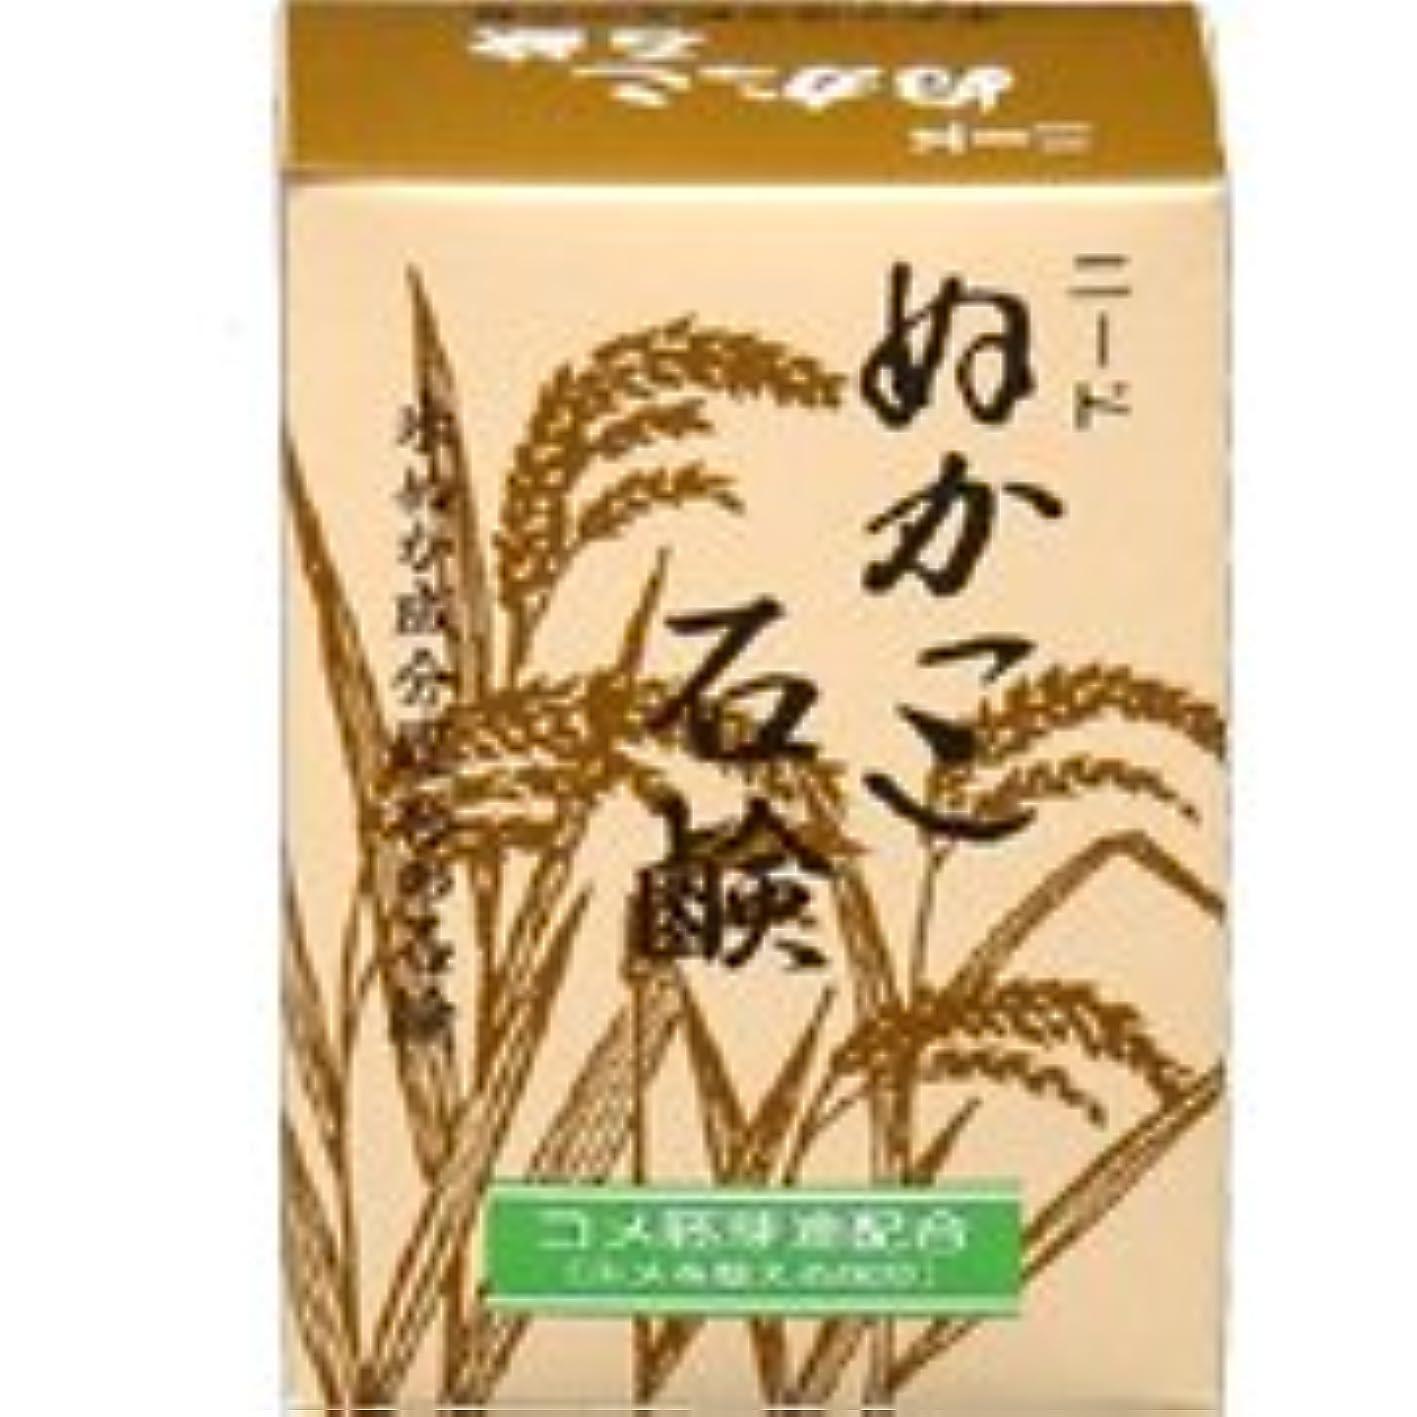 伝染性キリン硫黄ニードぬかっこ石鹸 90g    田中善